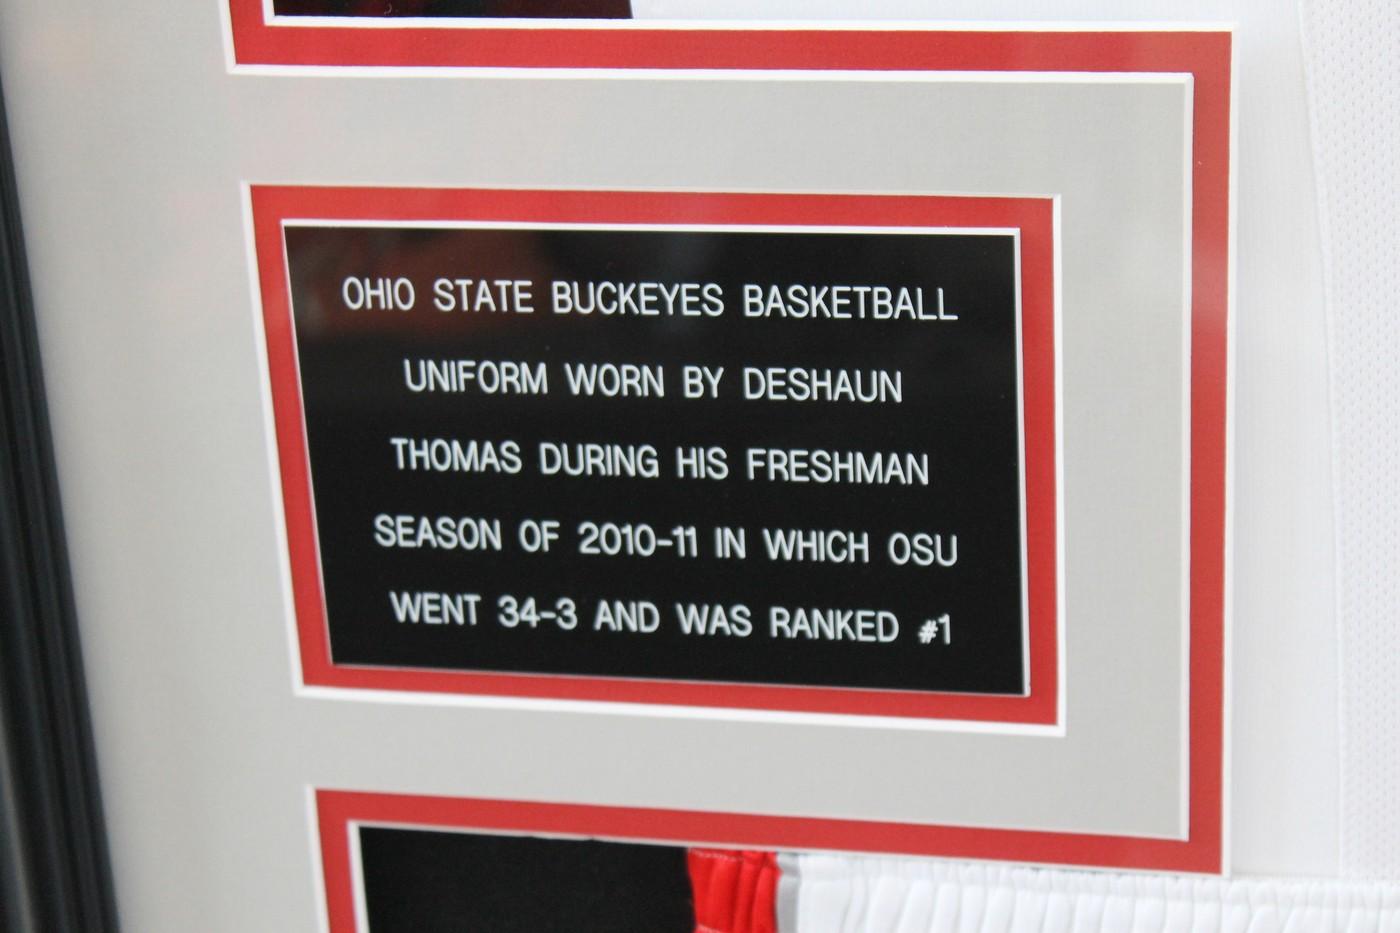 ac199235d7e Deshaun Thomas 2010-11 Freshman Game Worn Ohio State Basketball Jersey